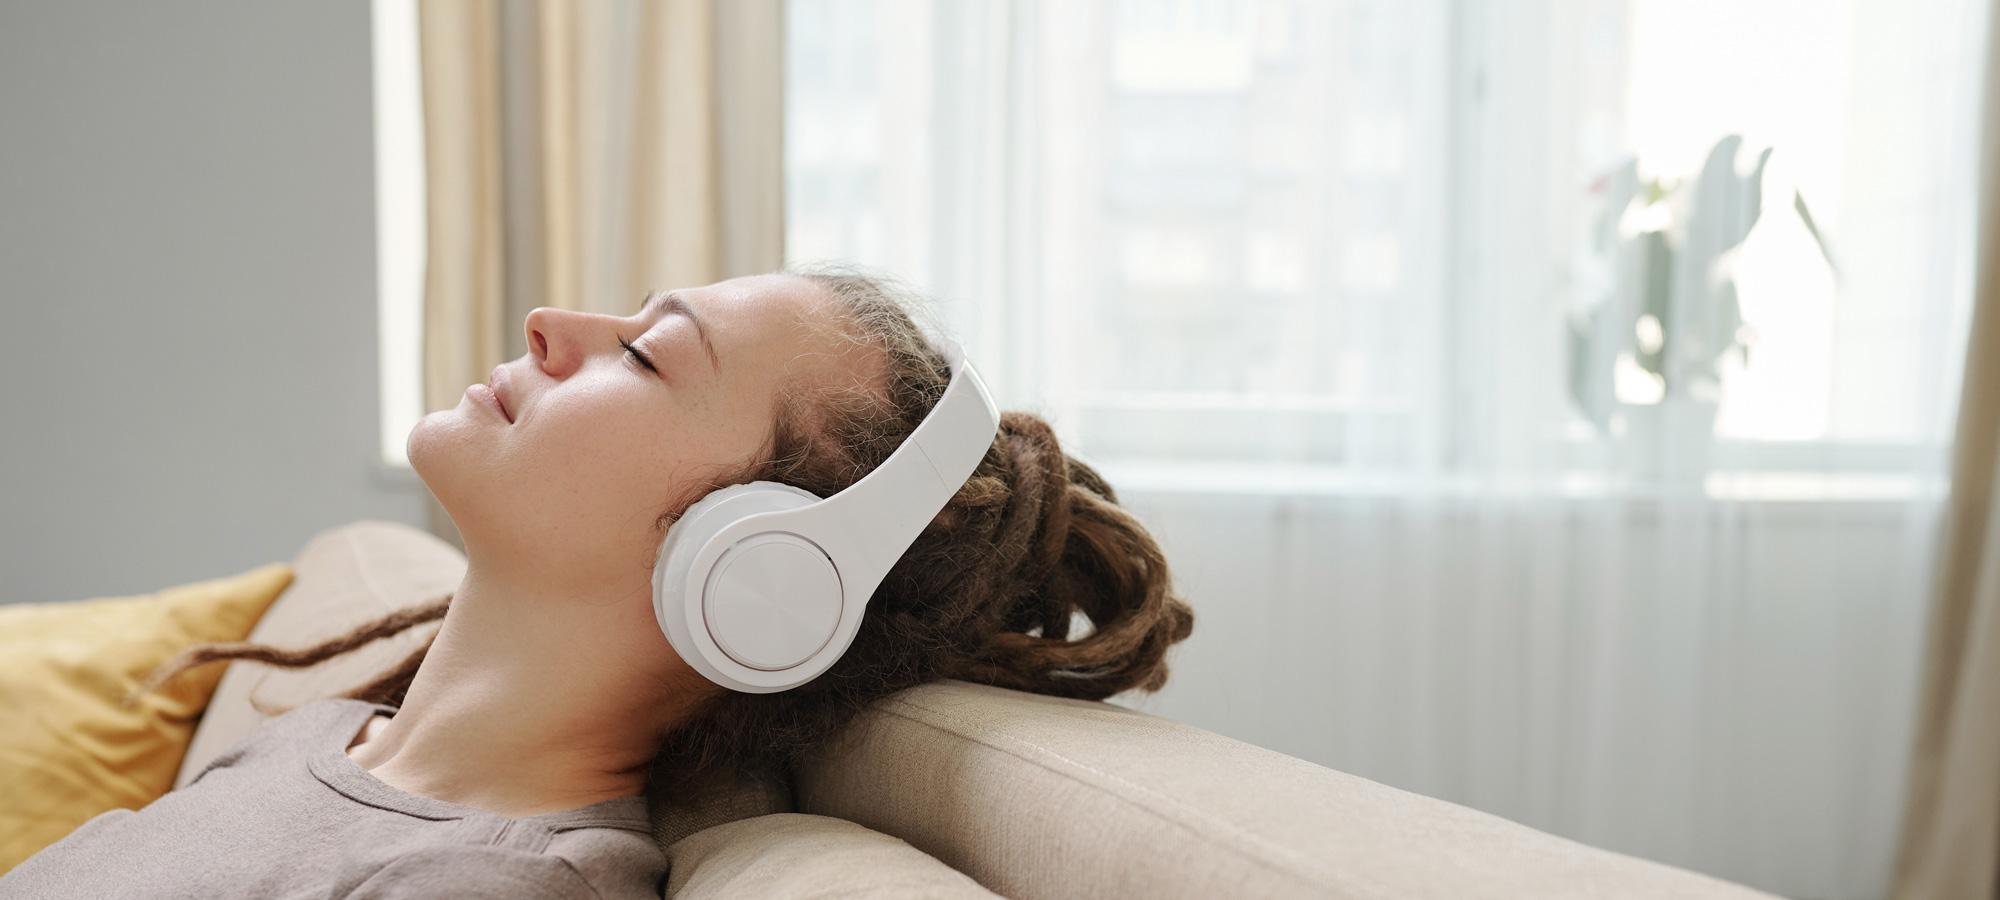 Chica en sofa escuchando musica